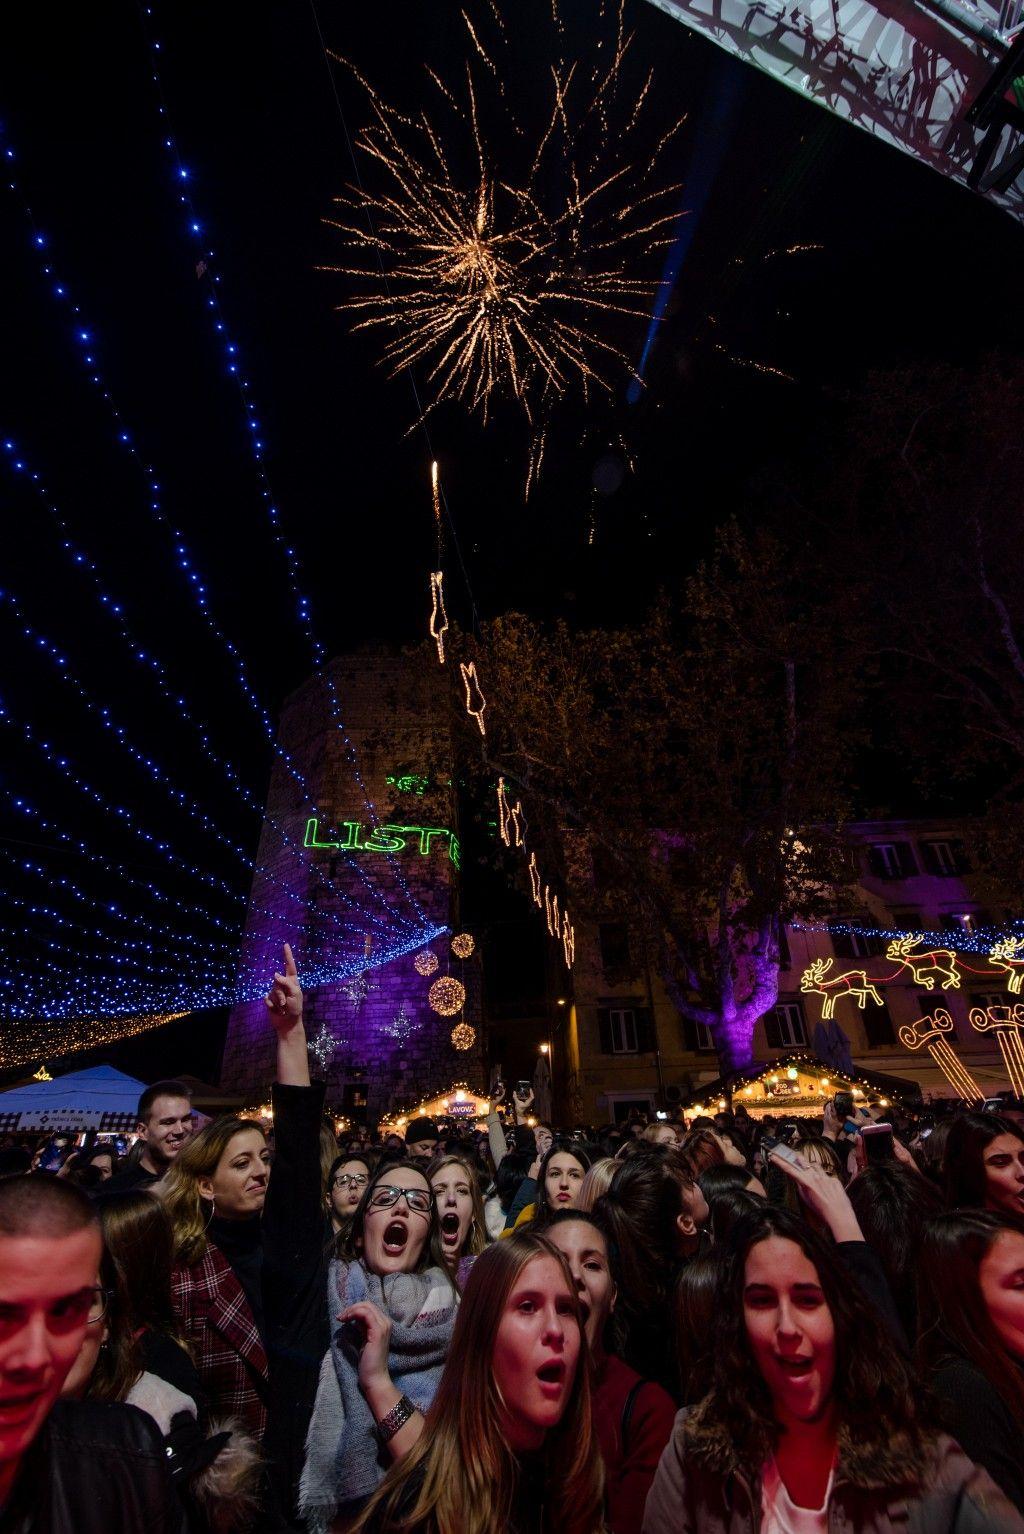 003 Advent u Zadru otvaranje Prljavo kazalište 23.11.2019, foto Iva Perinčić 38 (1)-1024x1534